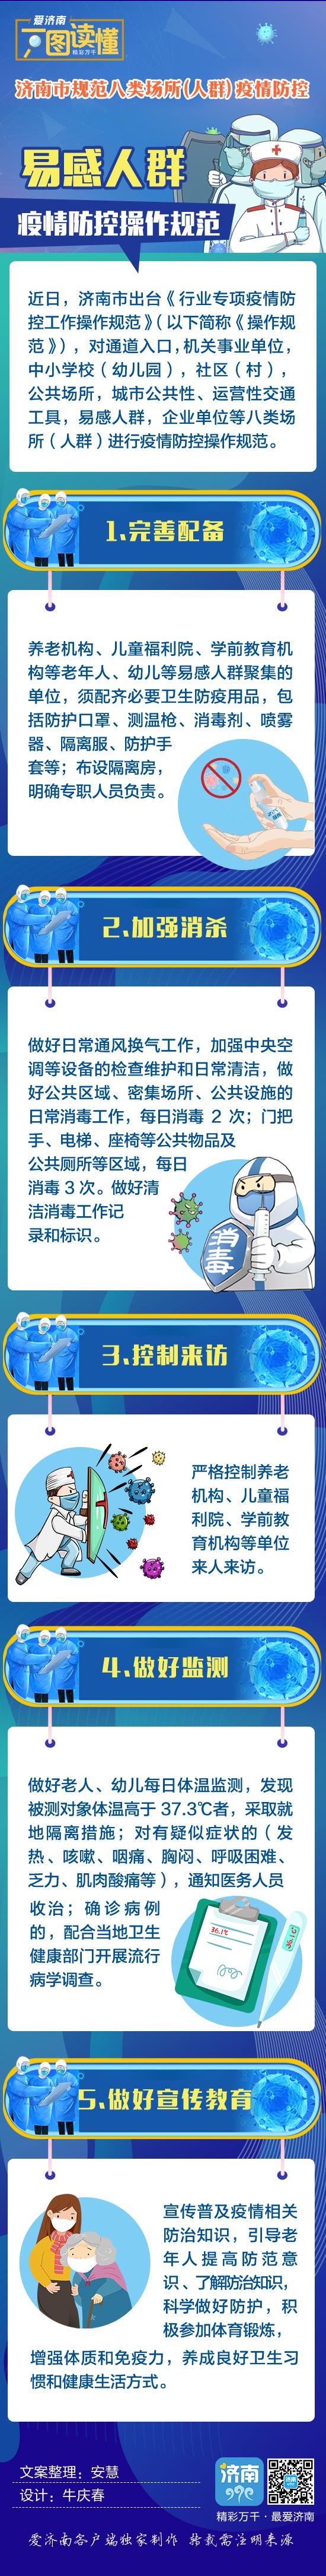 济南市规范八类场所(人群)疫情防控操作规范丨易感人群篇